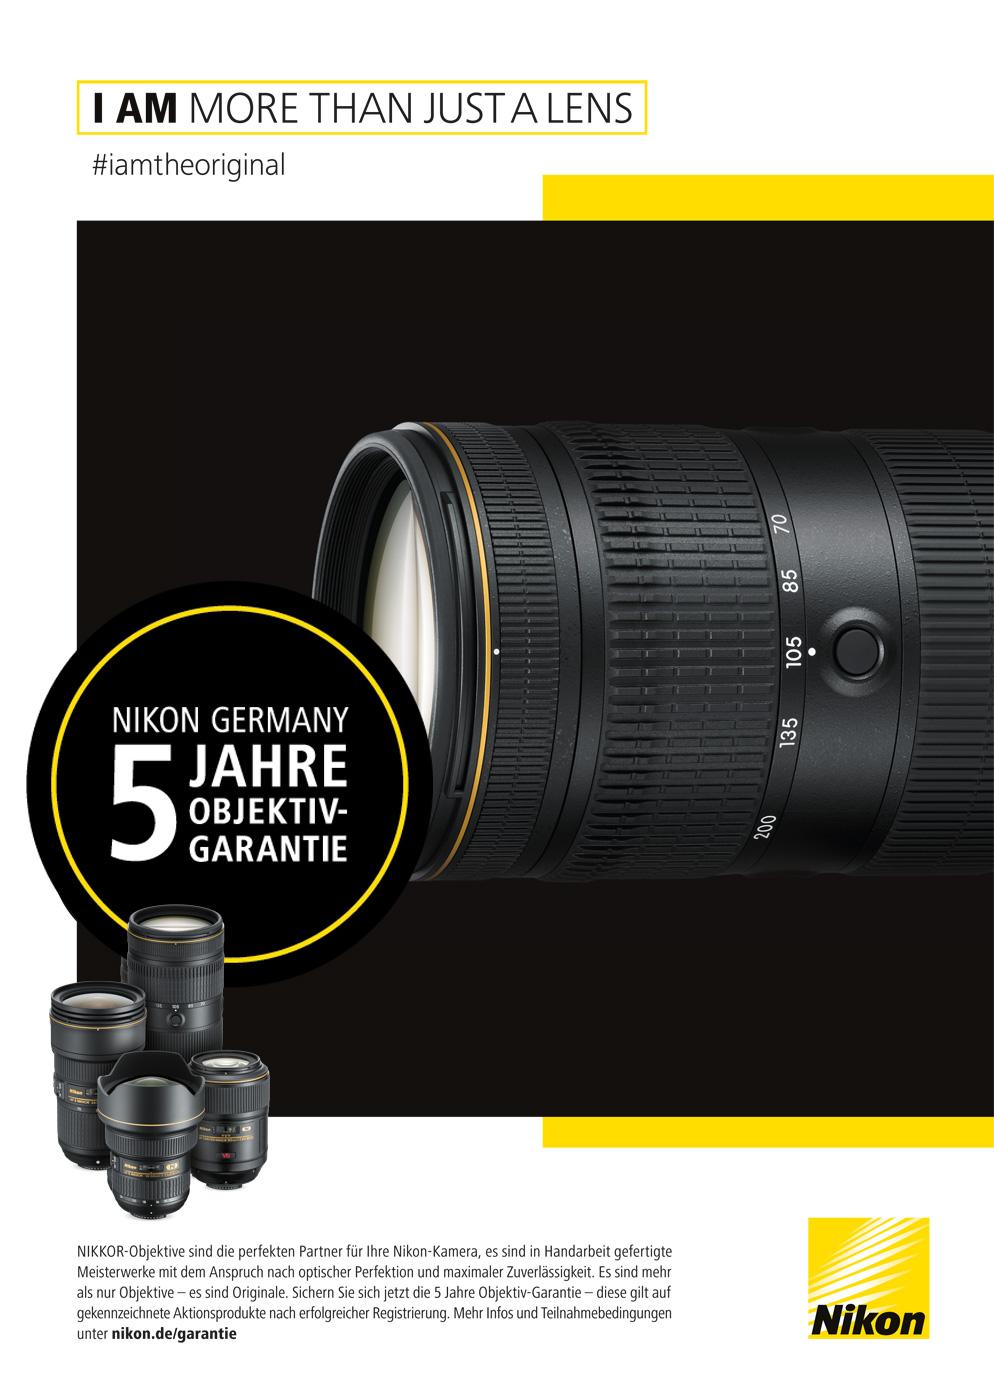 Nikon Objektiv-Garantie